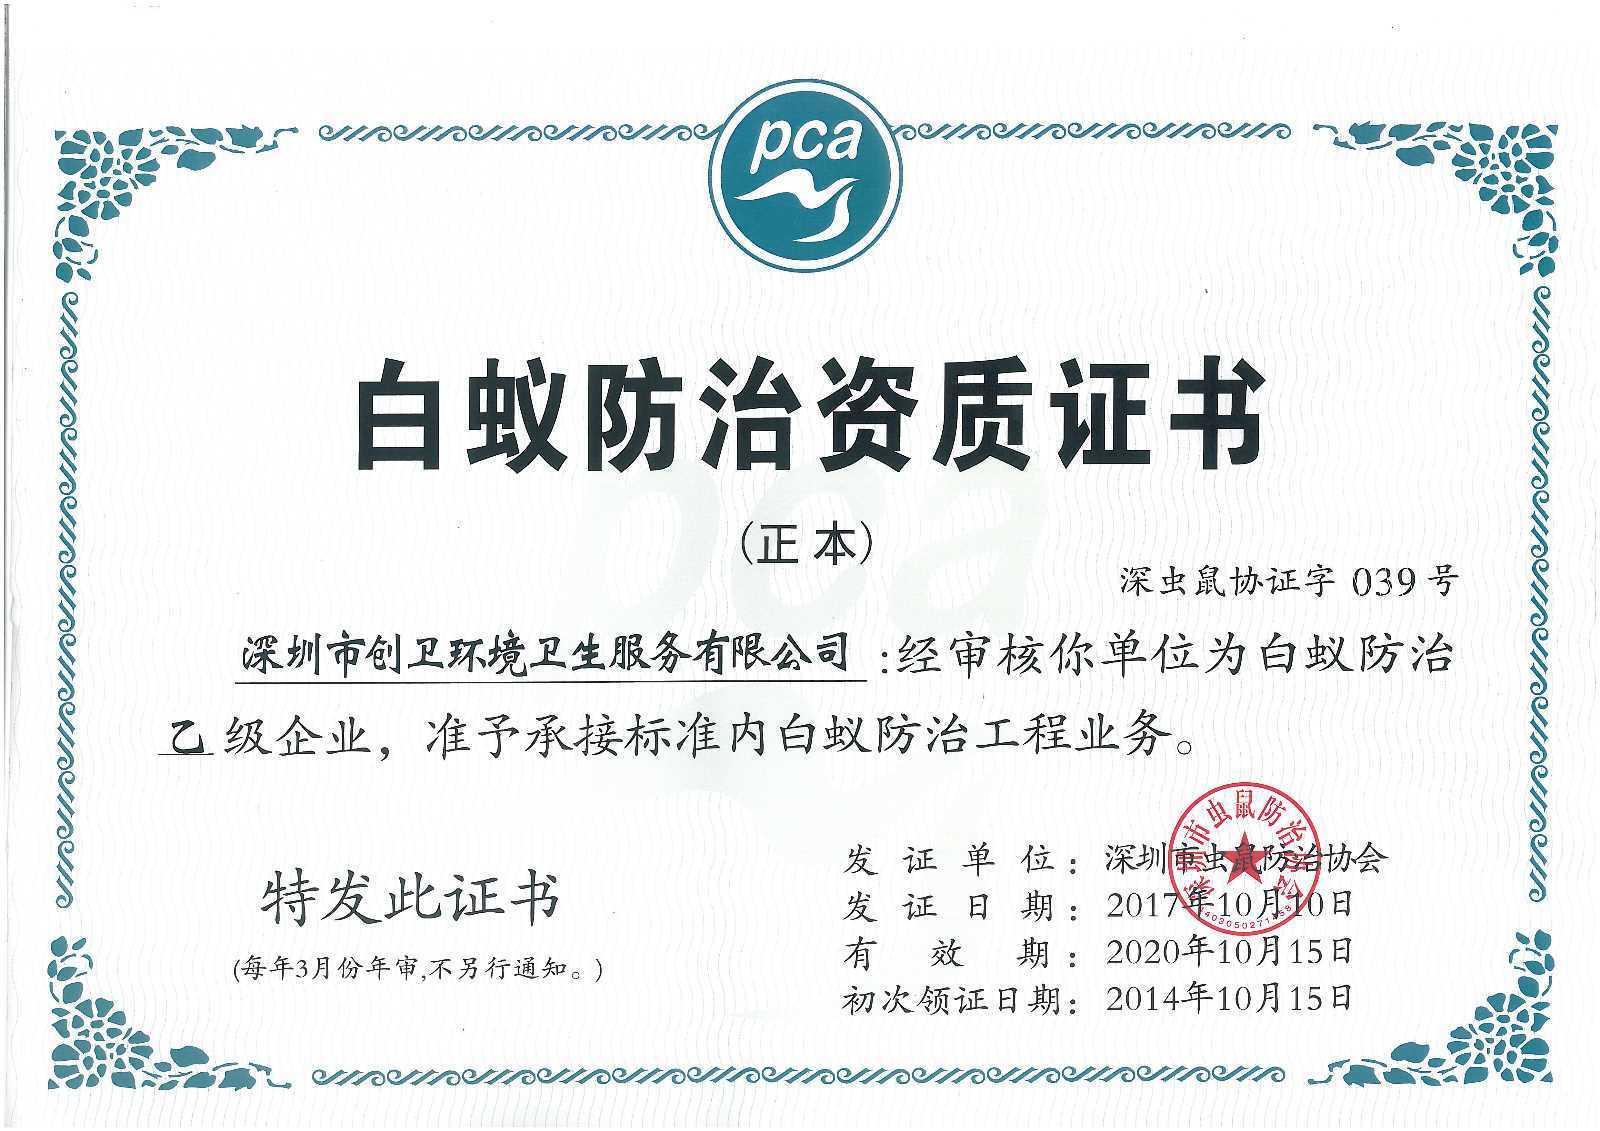 深圳灭白蚁消杀公司对于物业灭鼠的整改汇报